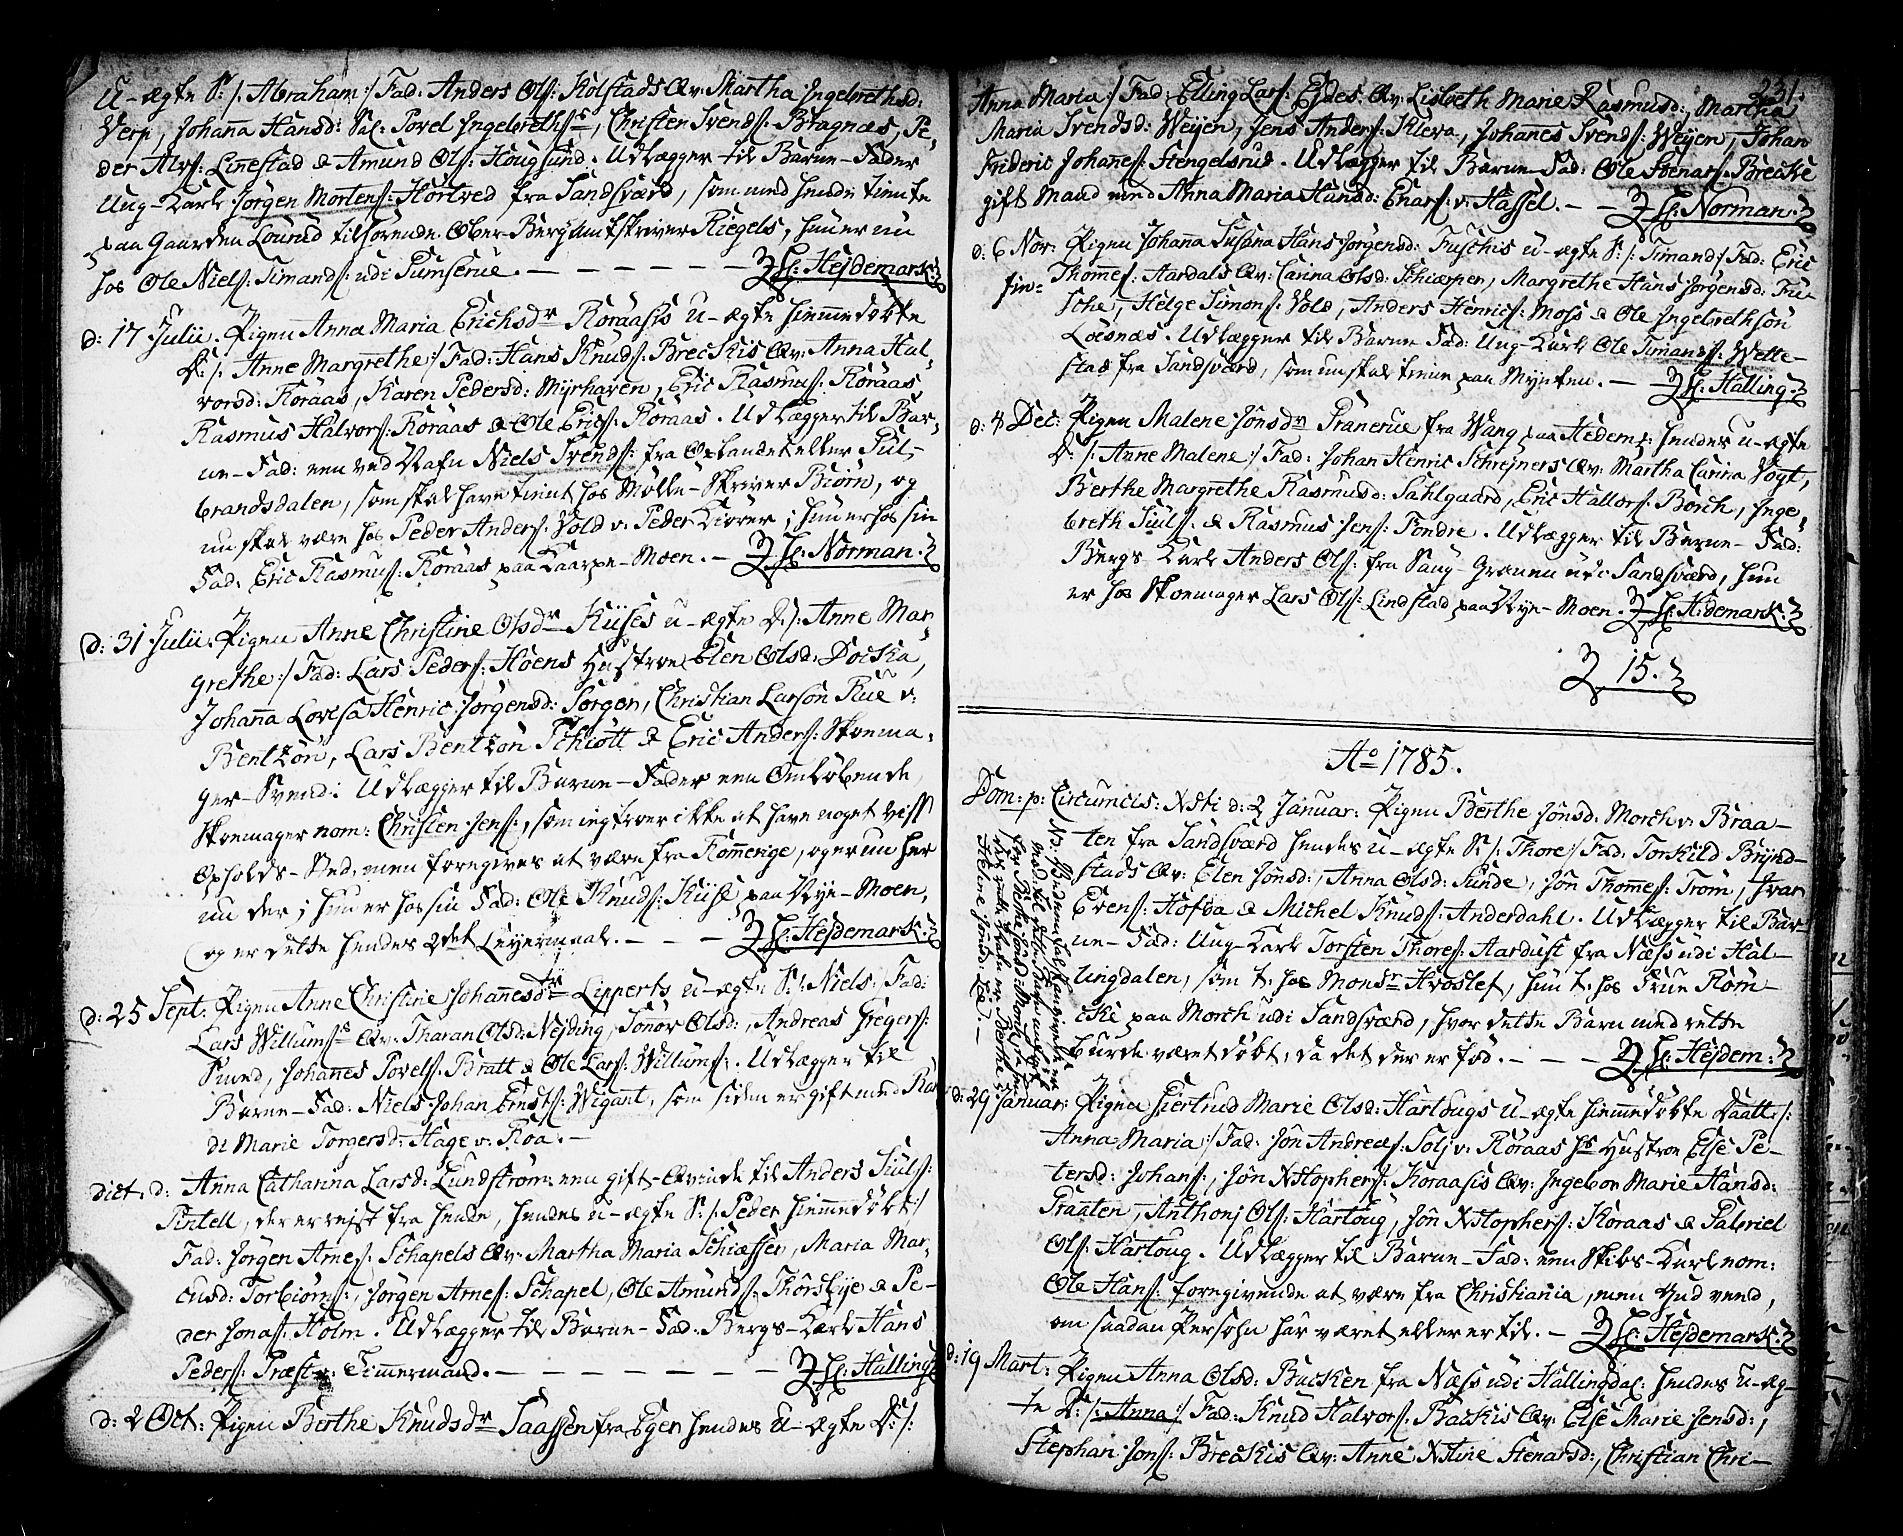 SAKO, Kongsberg kirkebøker, F/Fa/L0006: Ministerialbok nr. I 6, 1783-1797, s. 231